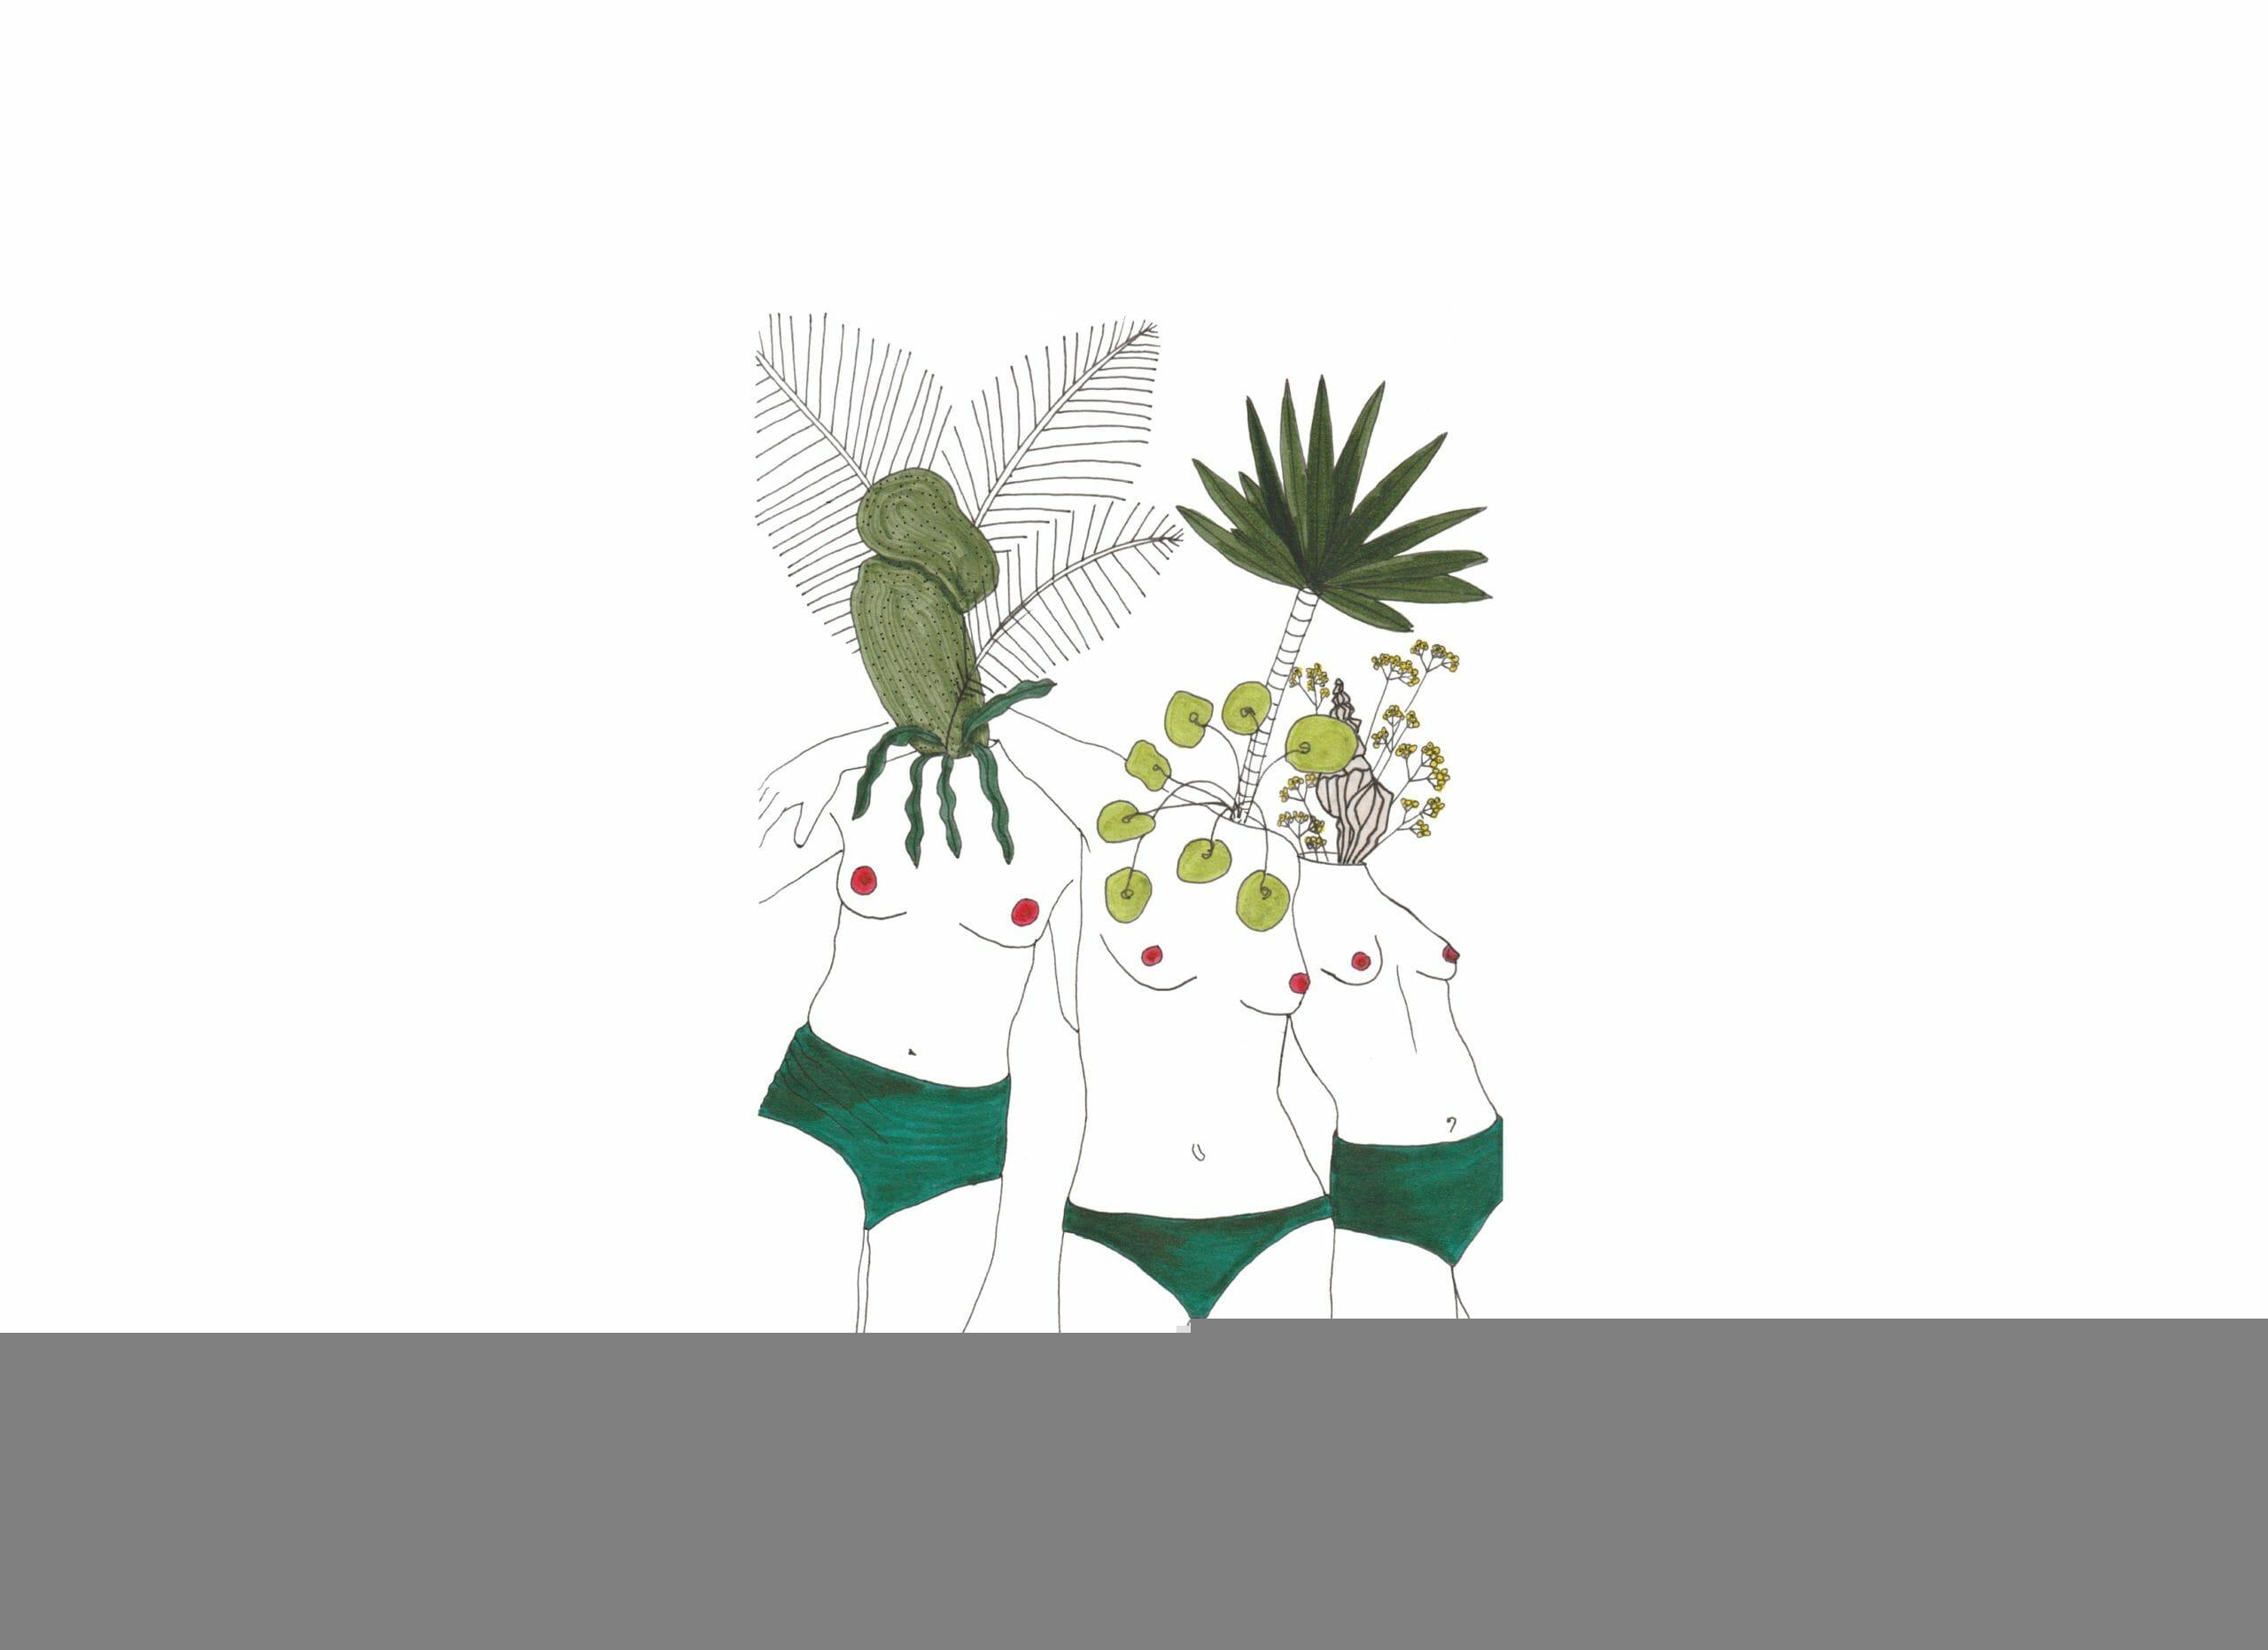 Les femmes plantes d'Alexia Caamano 1